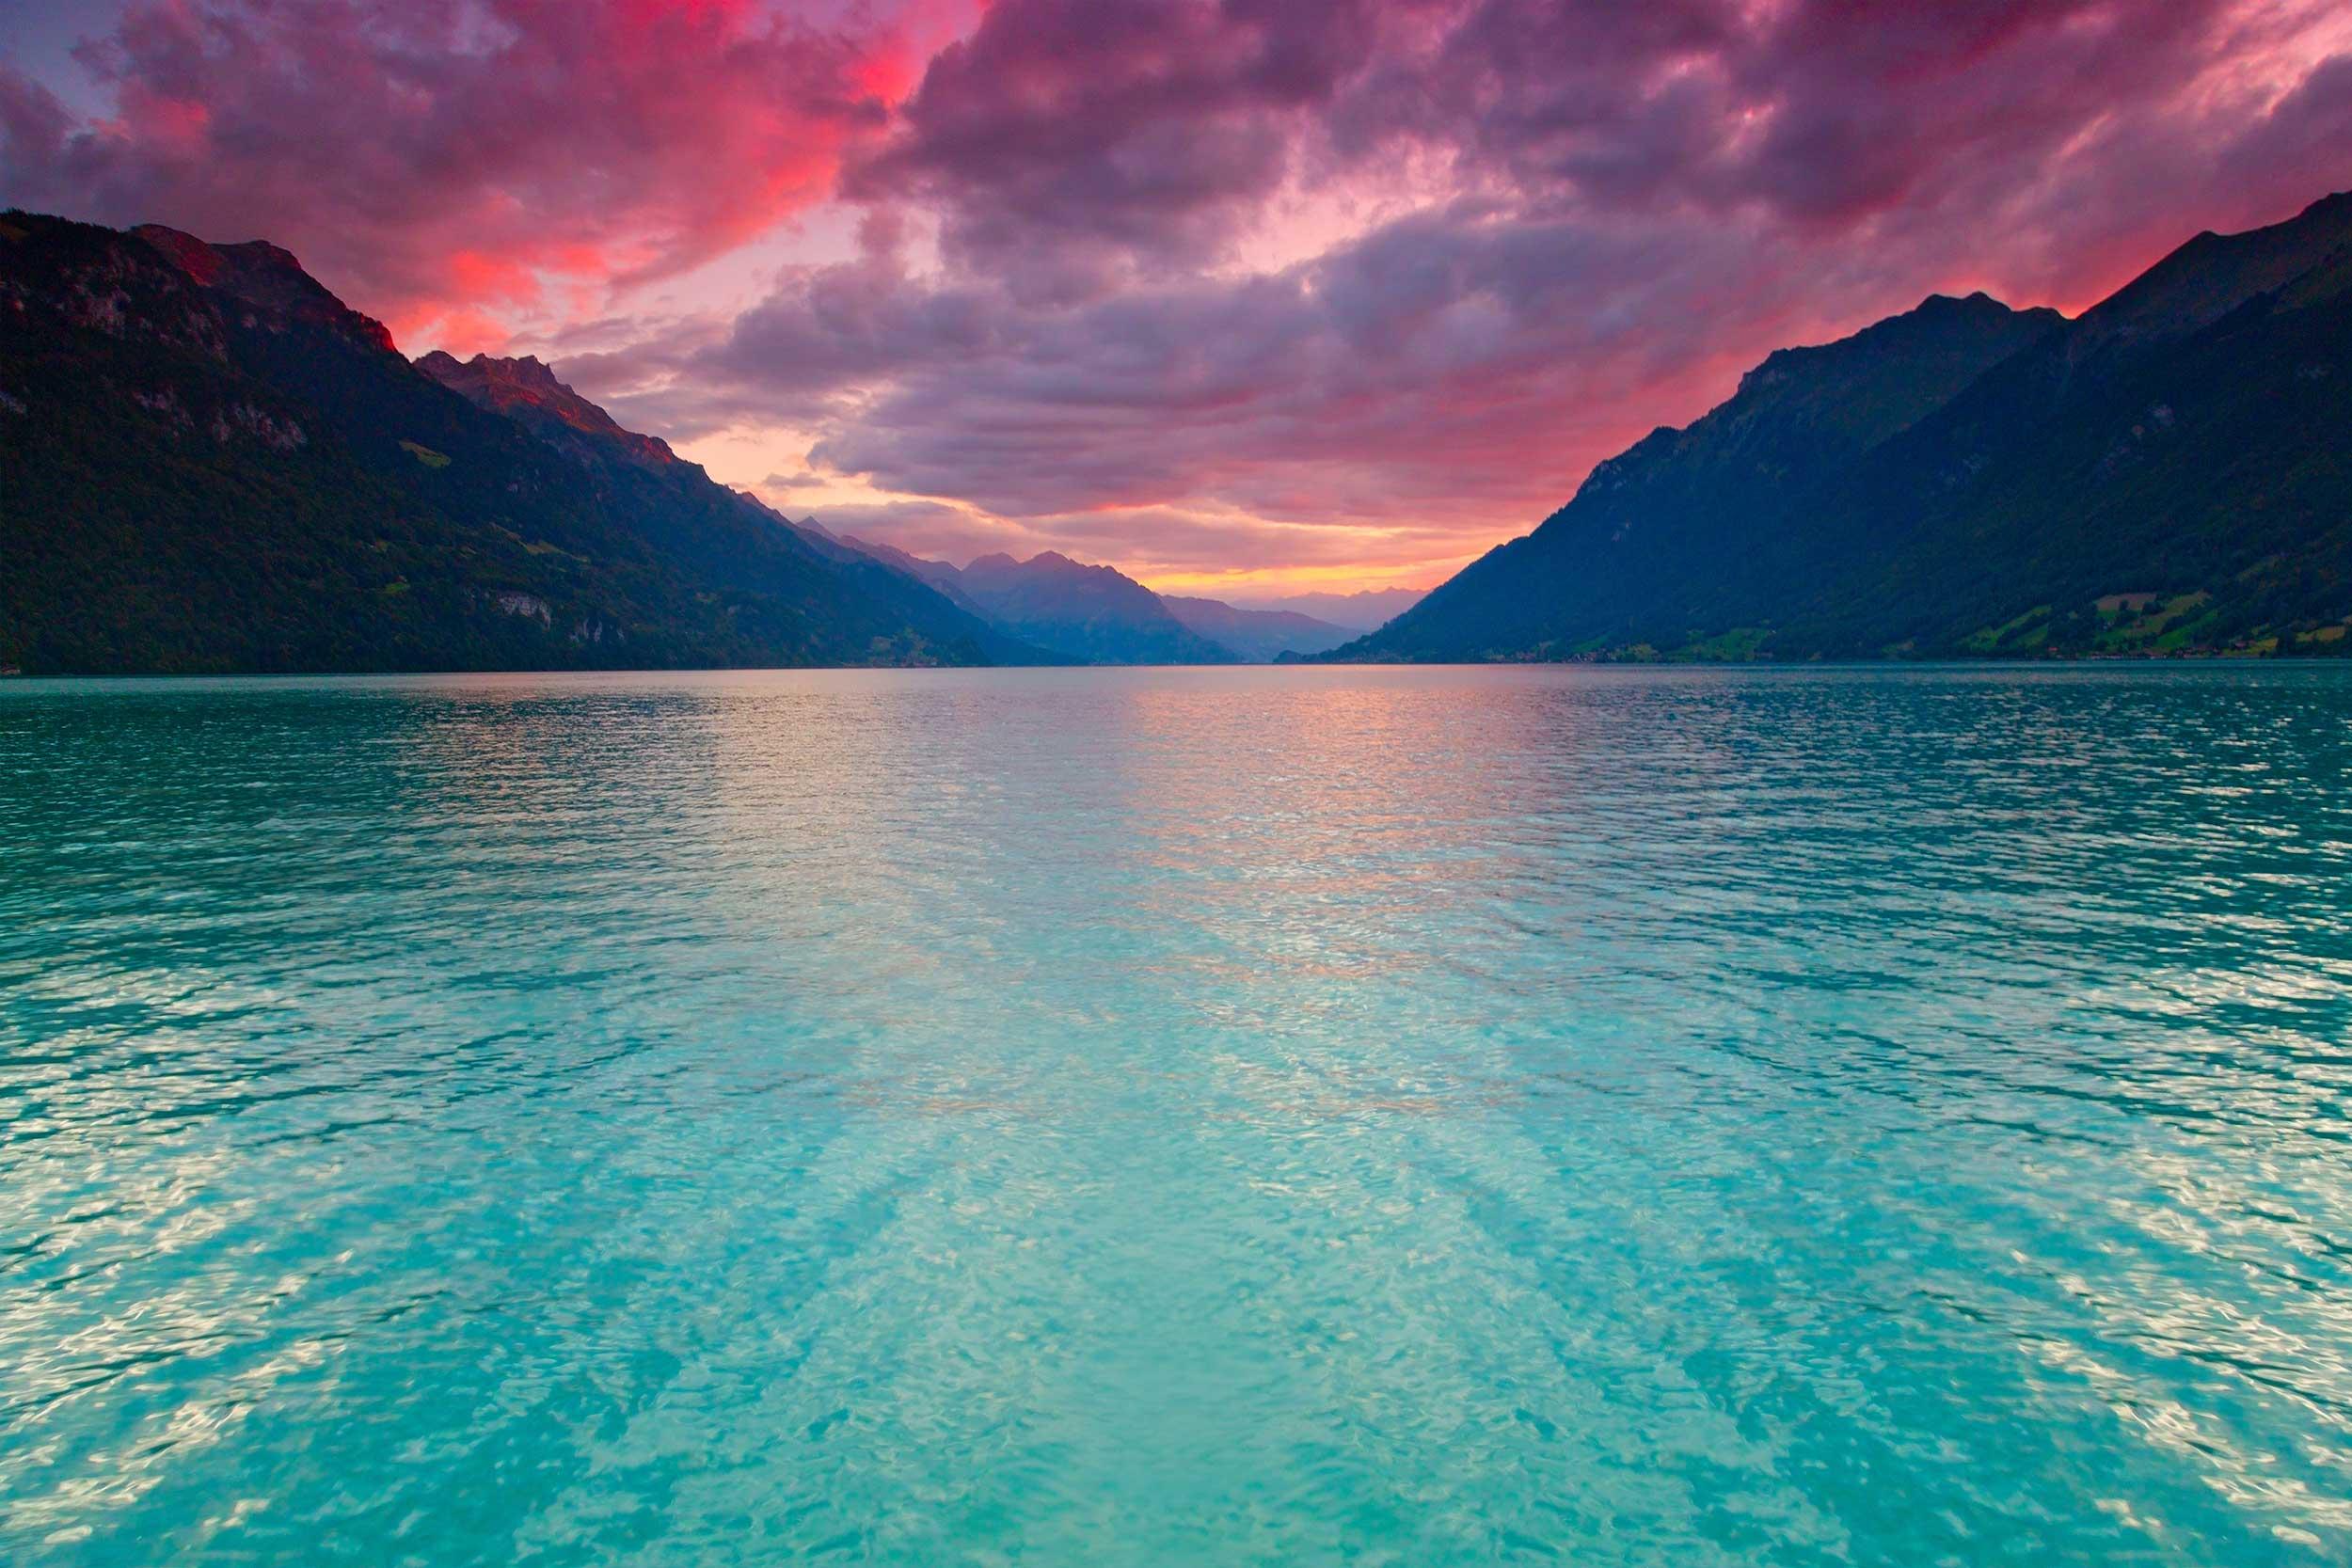 Das türkis-blaue Wasser des Brienzersee schimmert im Abendrot vor einer Bergkette, in der Nähe des Erholungshotel Bodmi